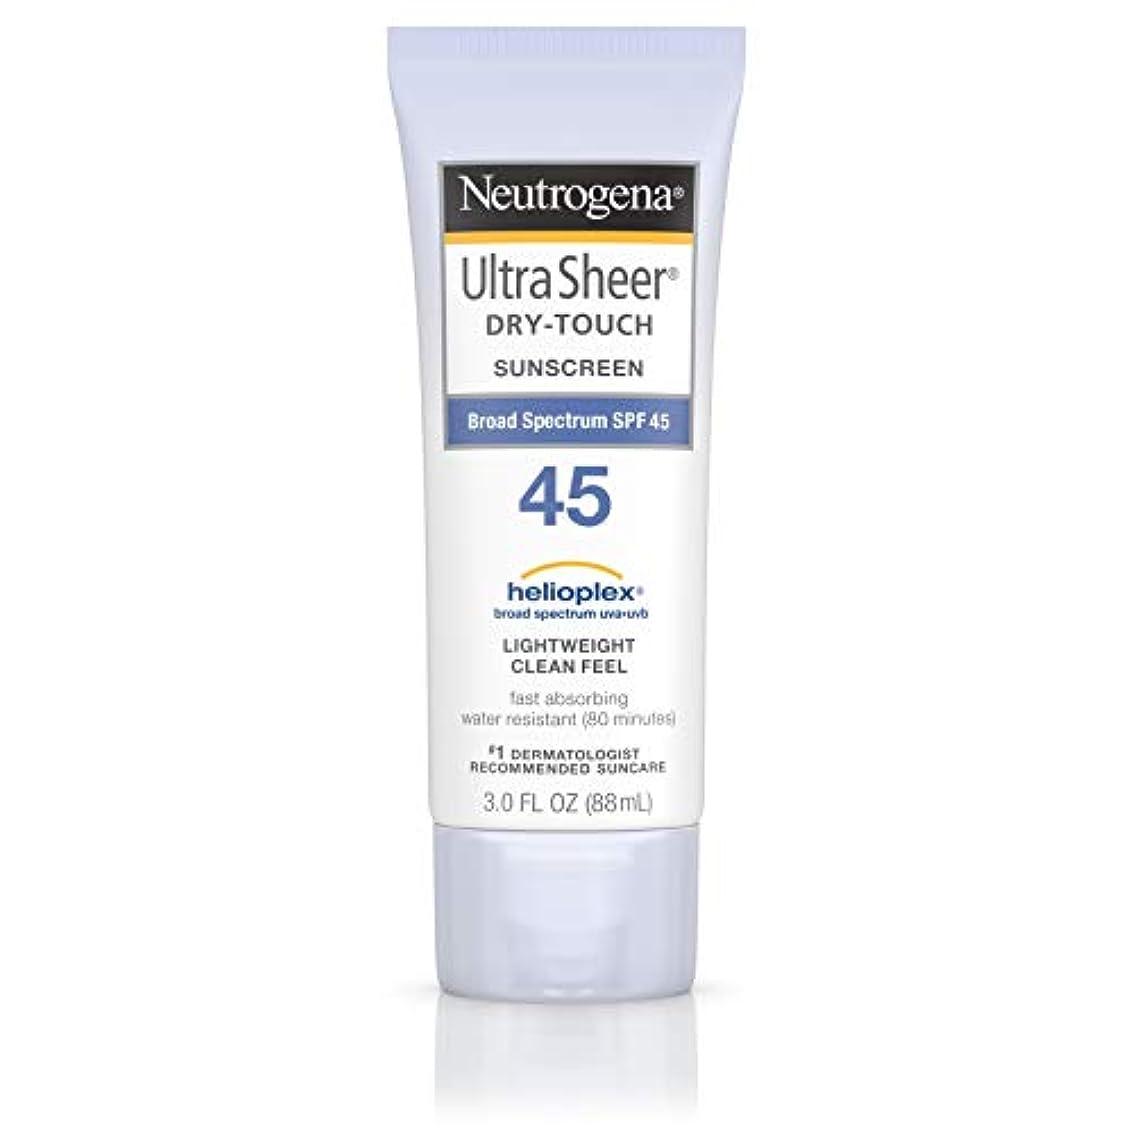 記者レバーインスタンス海外直送品 Neutrogena Neutrogena Ultra Sheer Dry-Touch Sunblock Spf 45【並行輸入品】